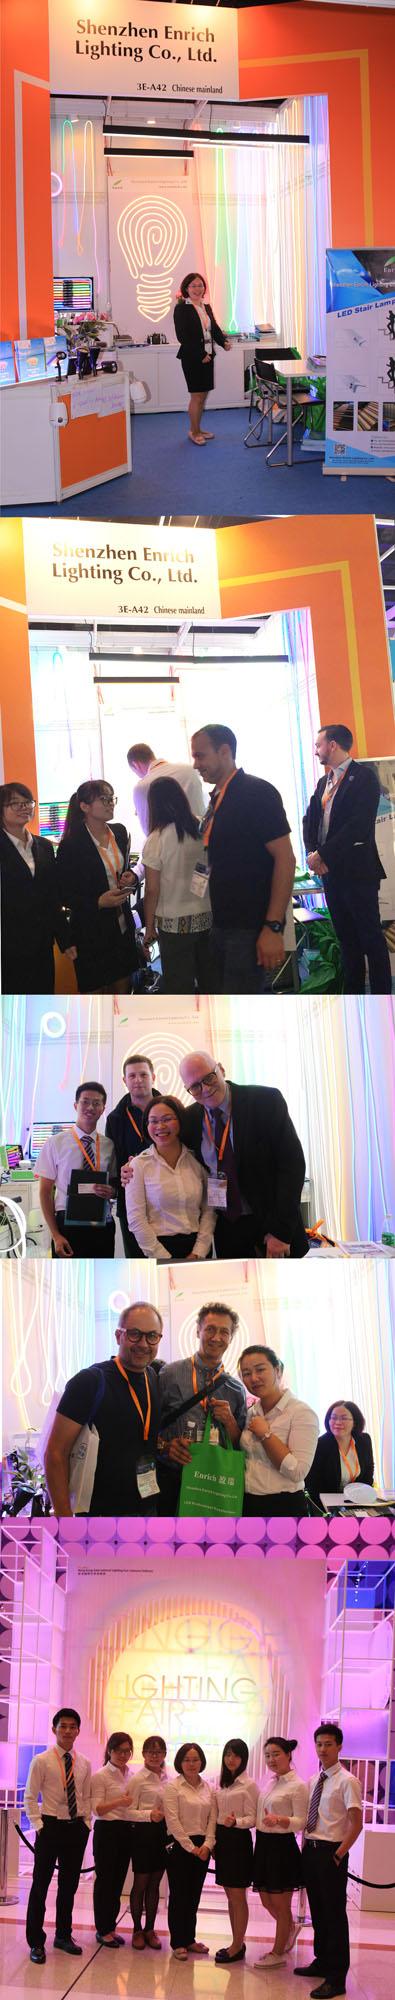 2016 Hong Kong International Lighting Fair (Autumn Edition)